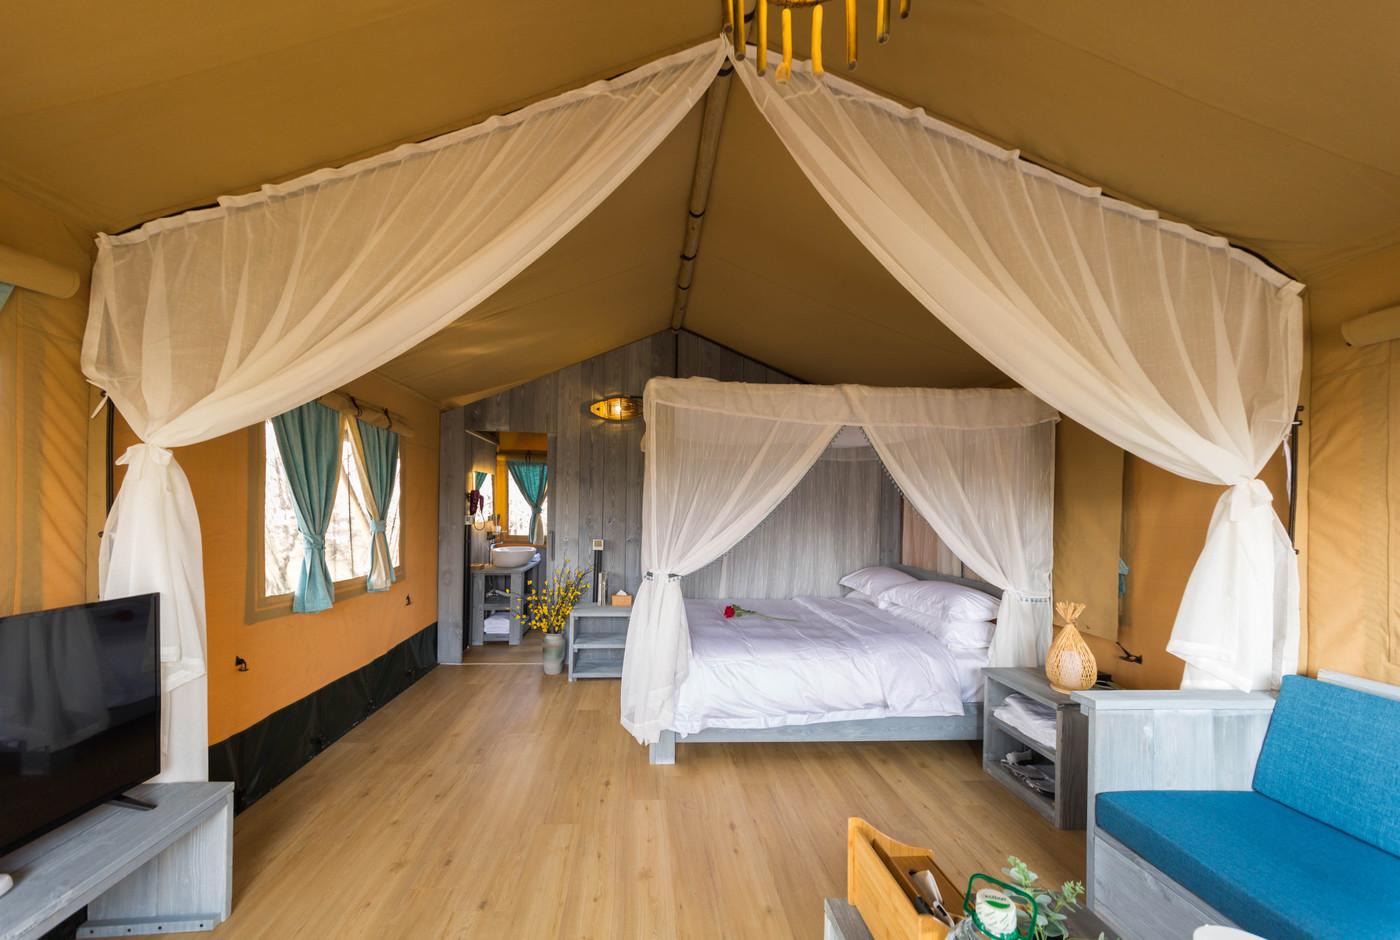 喜马拉雅野奢帐篷酒店—安徽砀山东篱蓬芦梨园帐篷酒店16